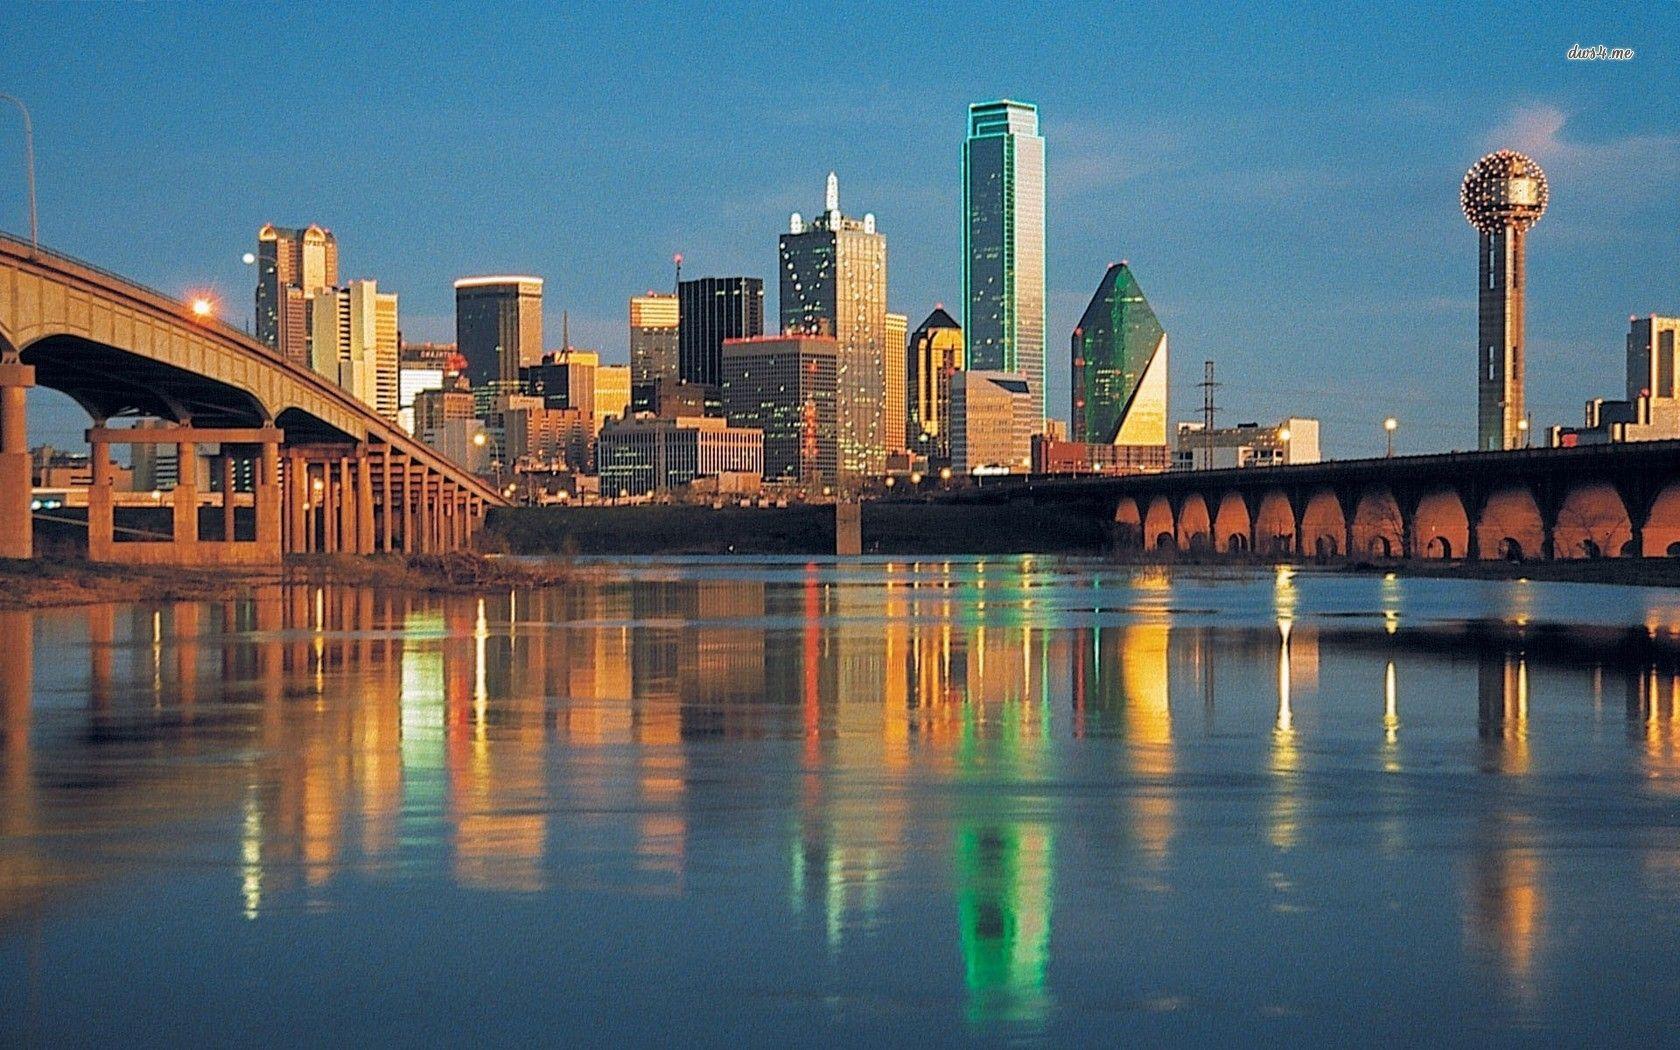 Dallas Skyline Wallpaper | Dallas skyline wallpaper | Health and futness in 2019 | Houston ...